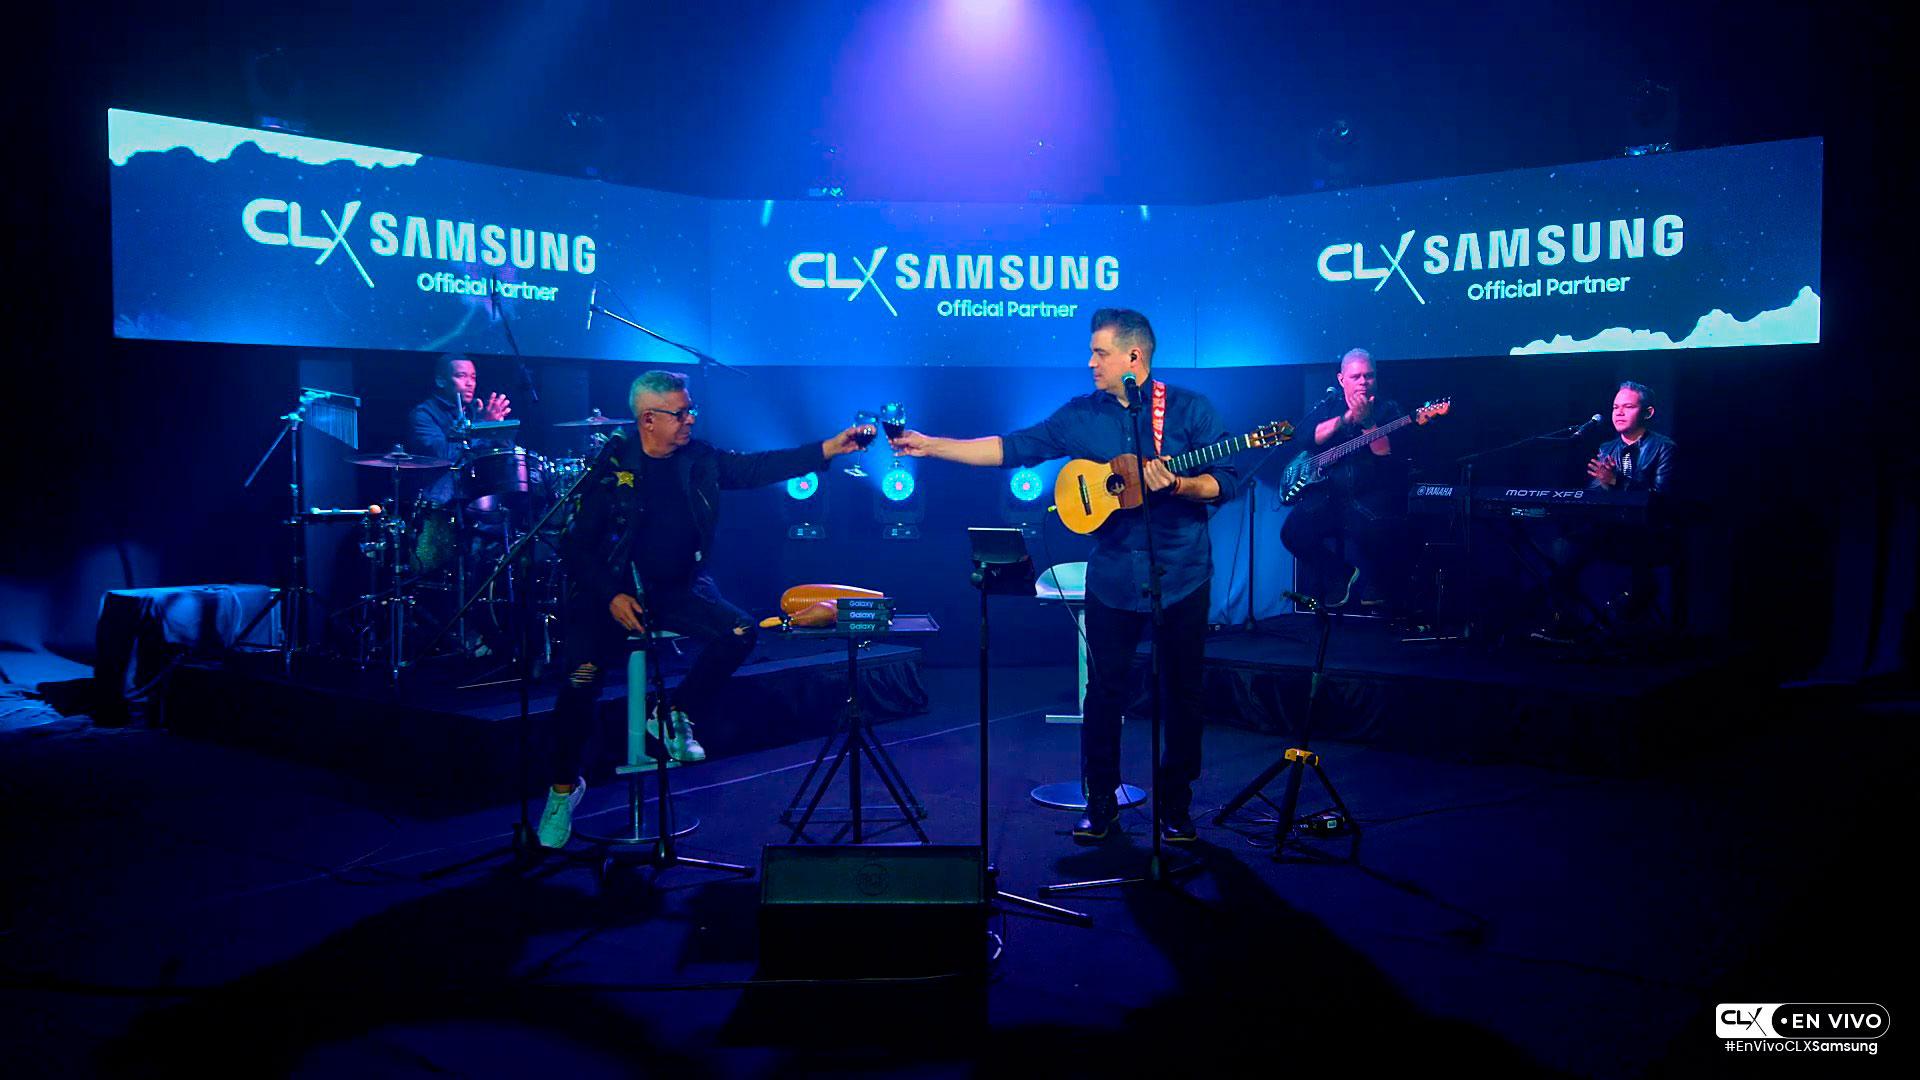 en vivo clx samsung 6